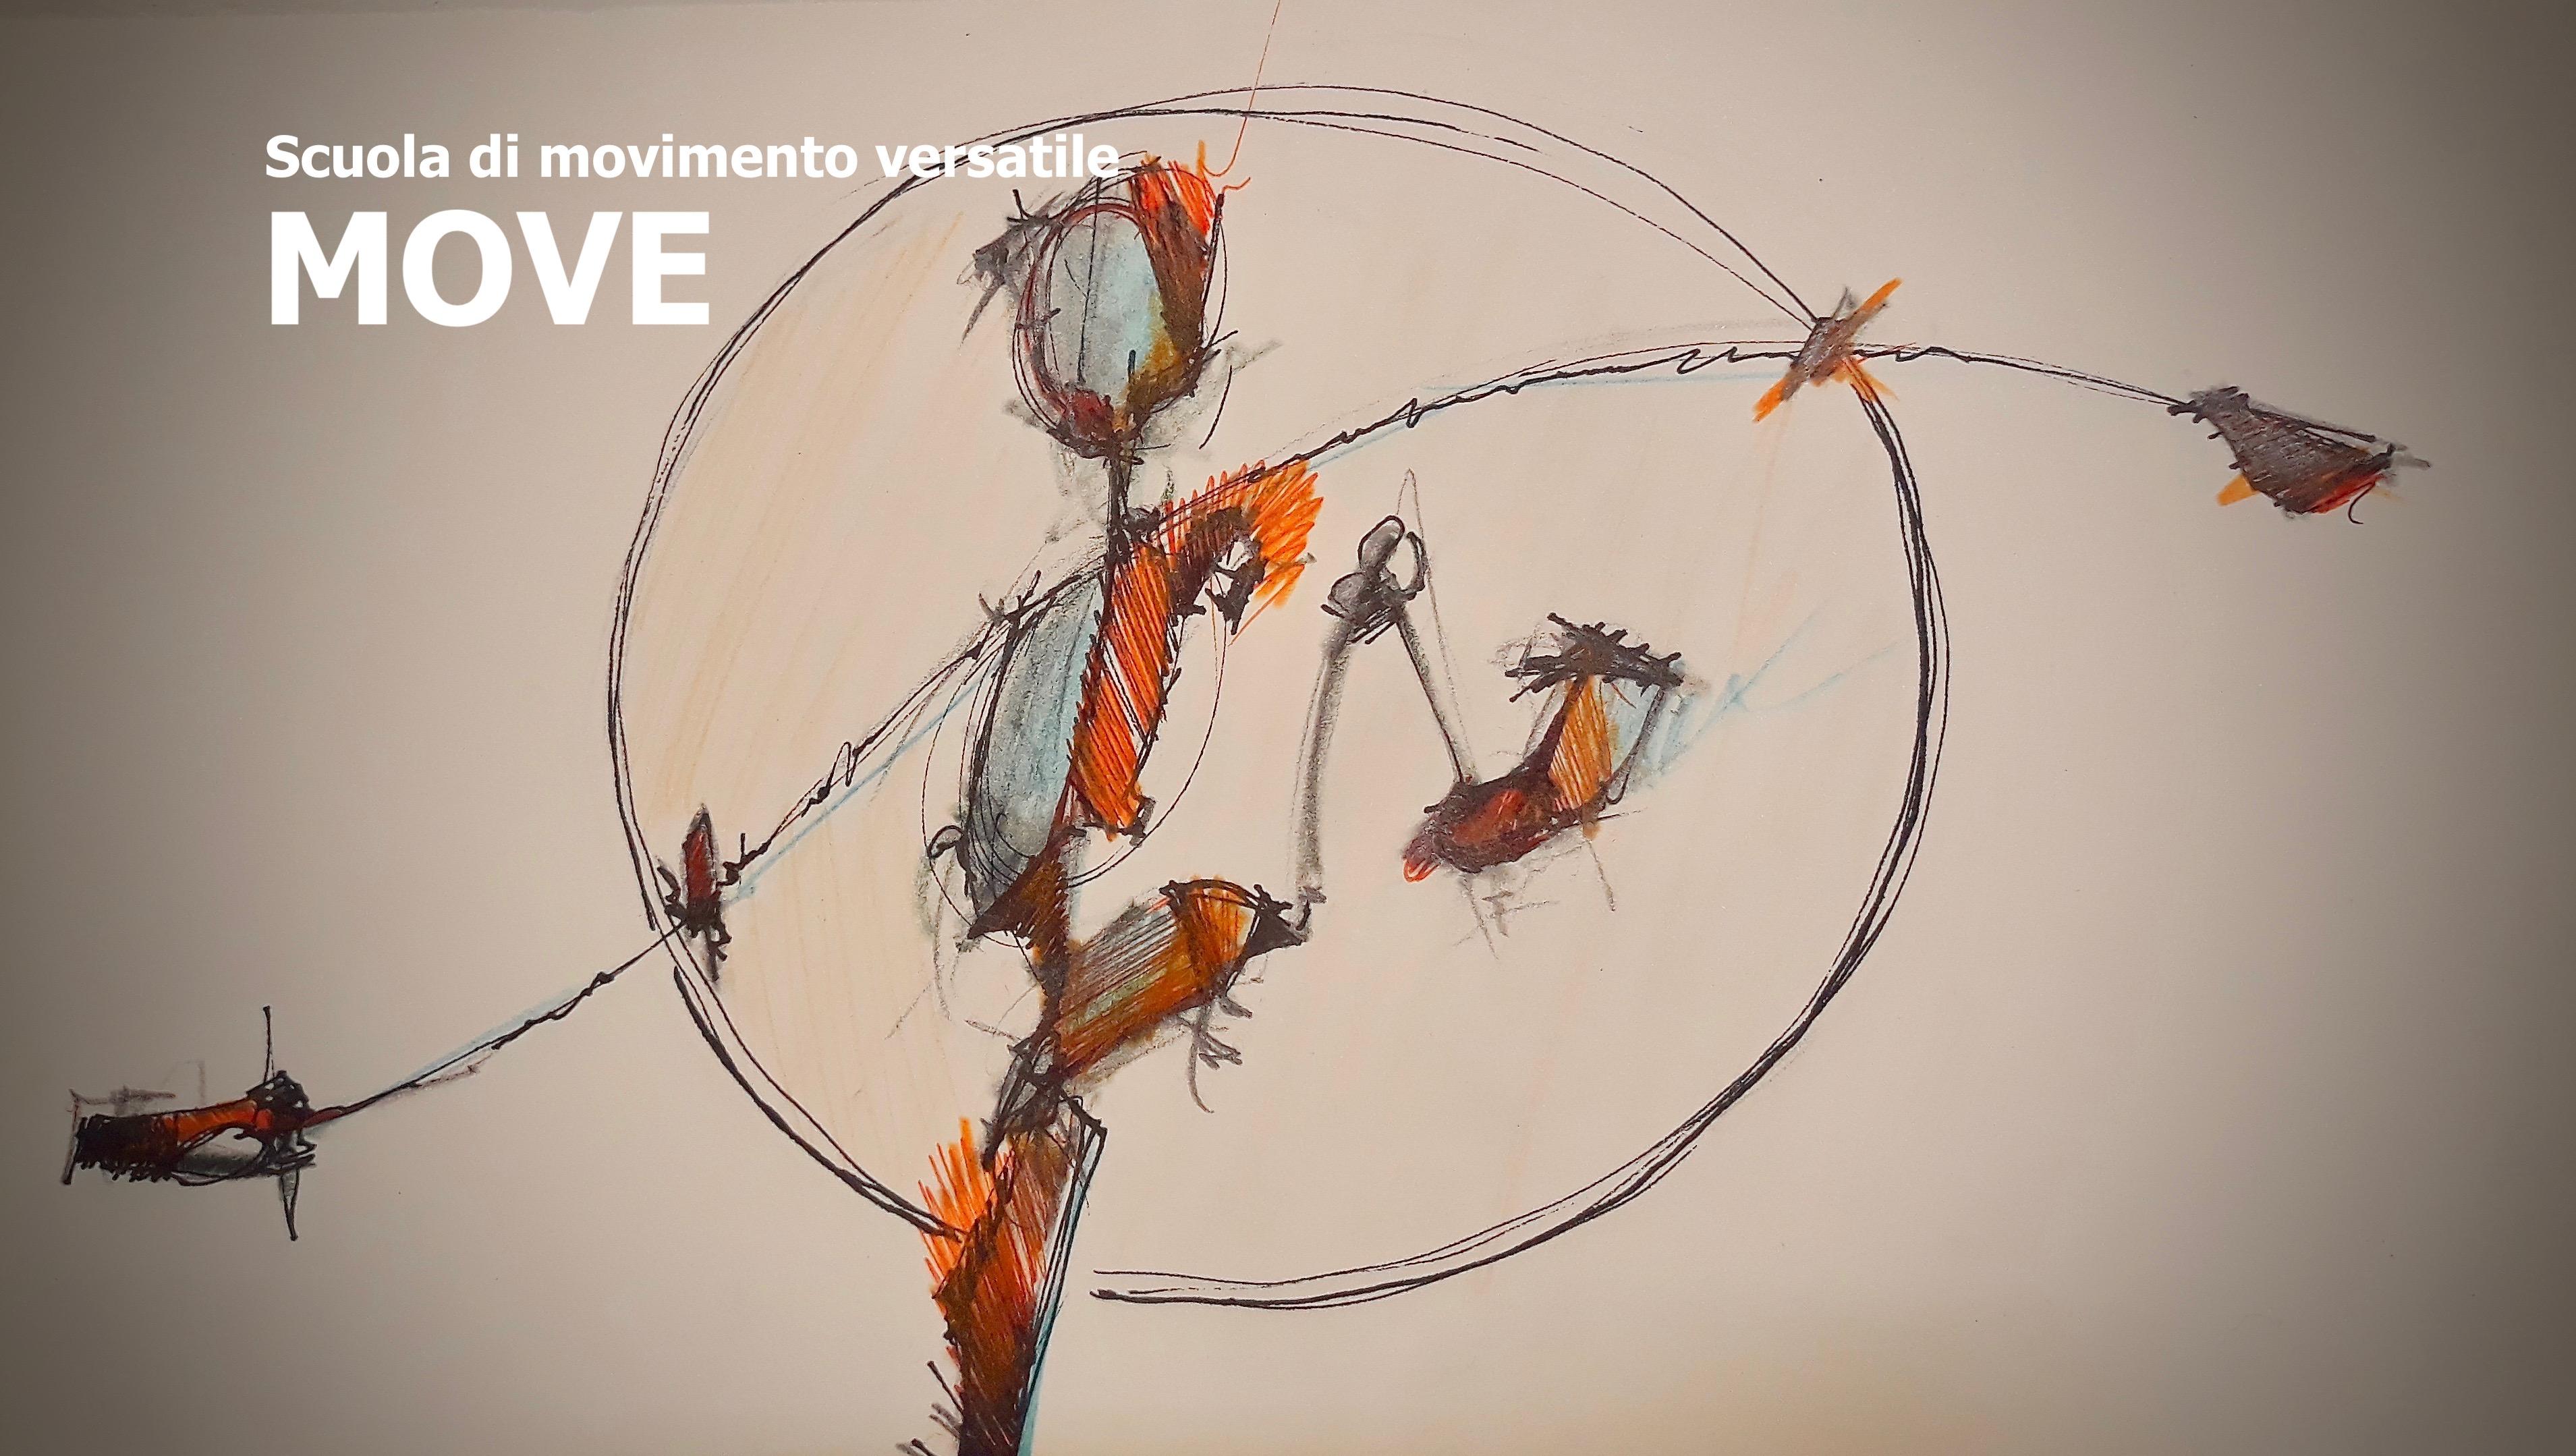 MOVE- scuola di movimento versatile